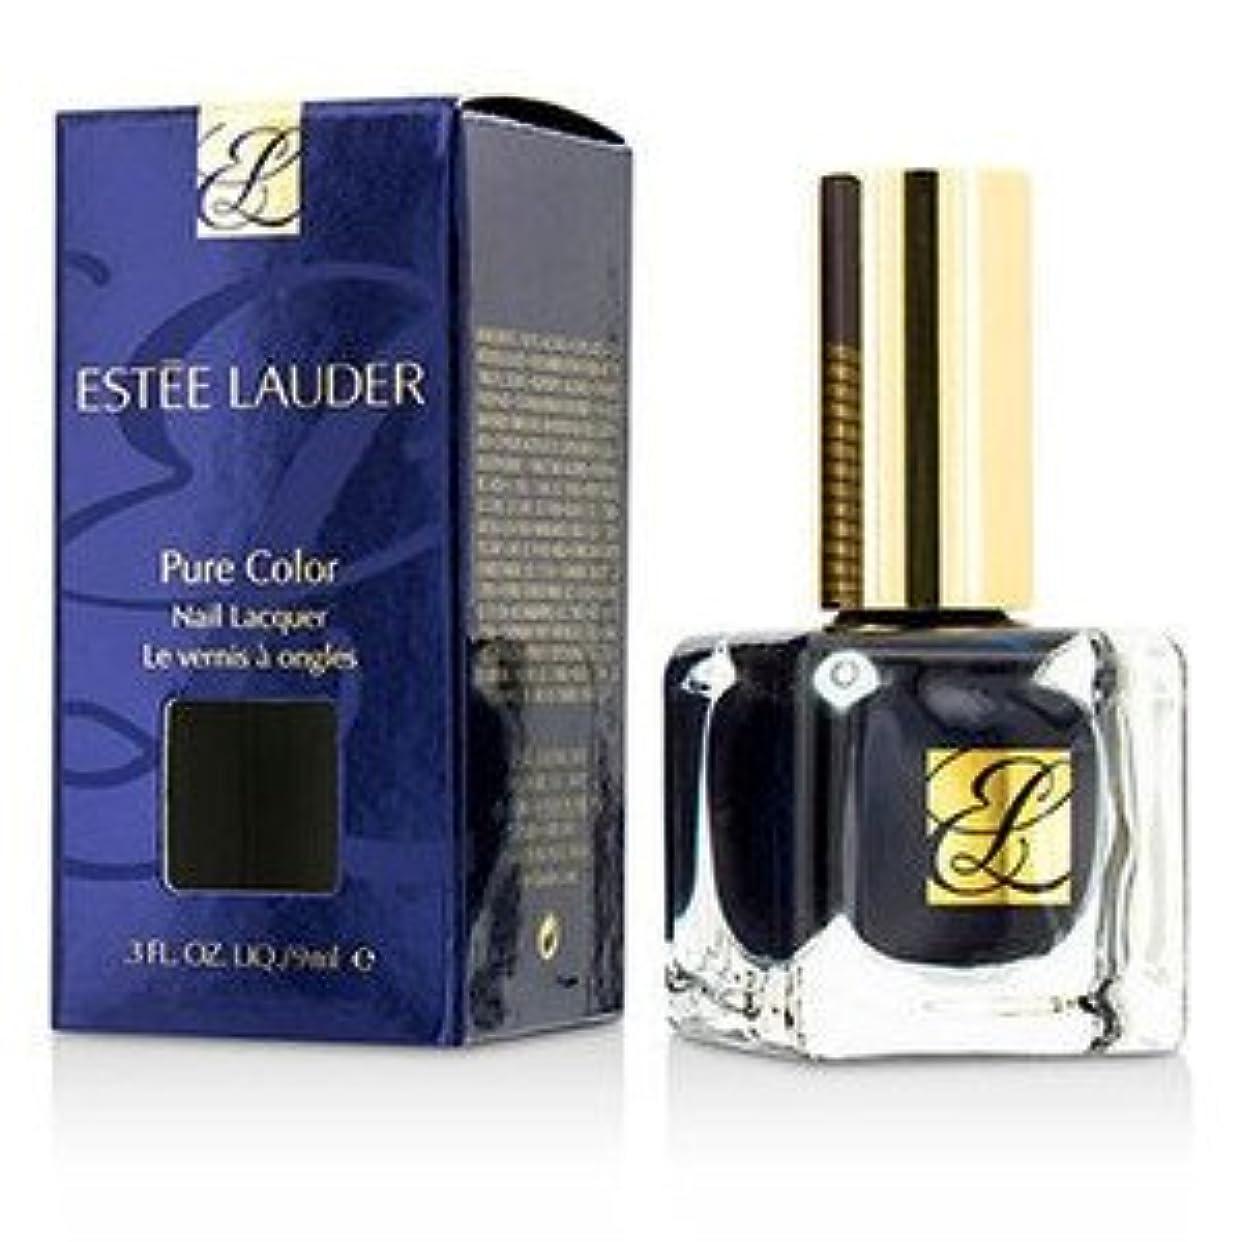 最初枯渇する女王ESTEE LAUDER(エスティローダー) ピュア カラー ネイル ラッカー - #GM Blue Blood 9ml/0.3oz [並行輸入品]